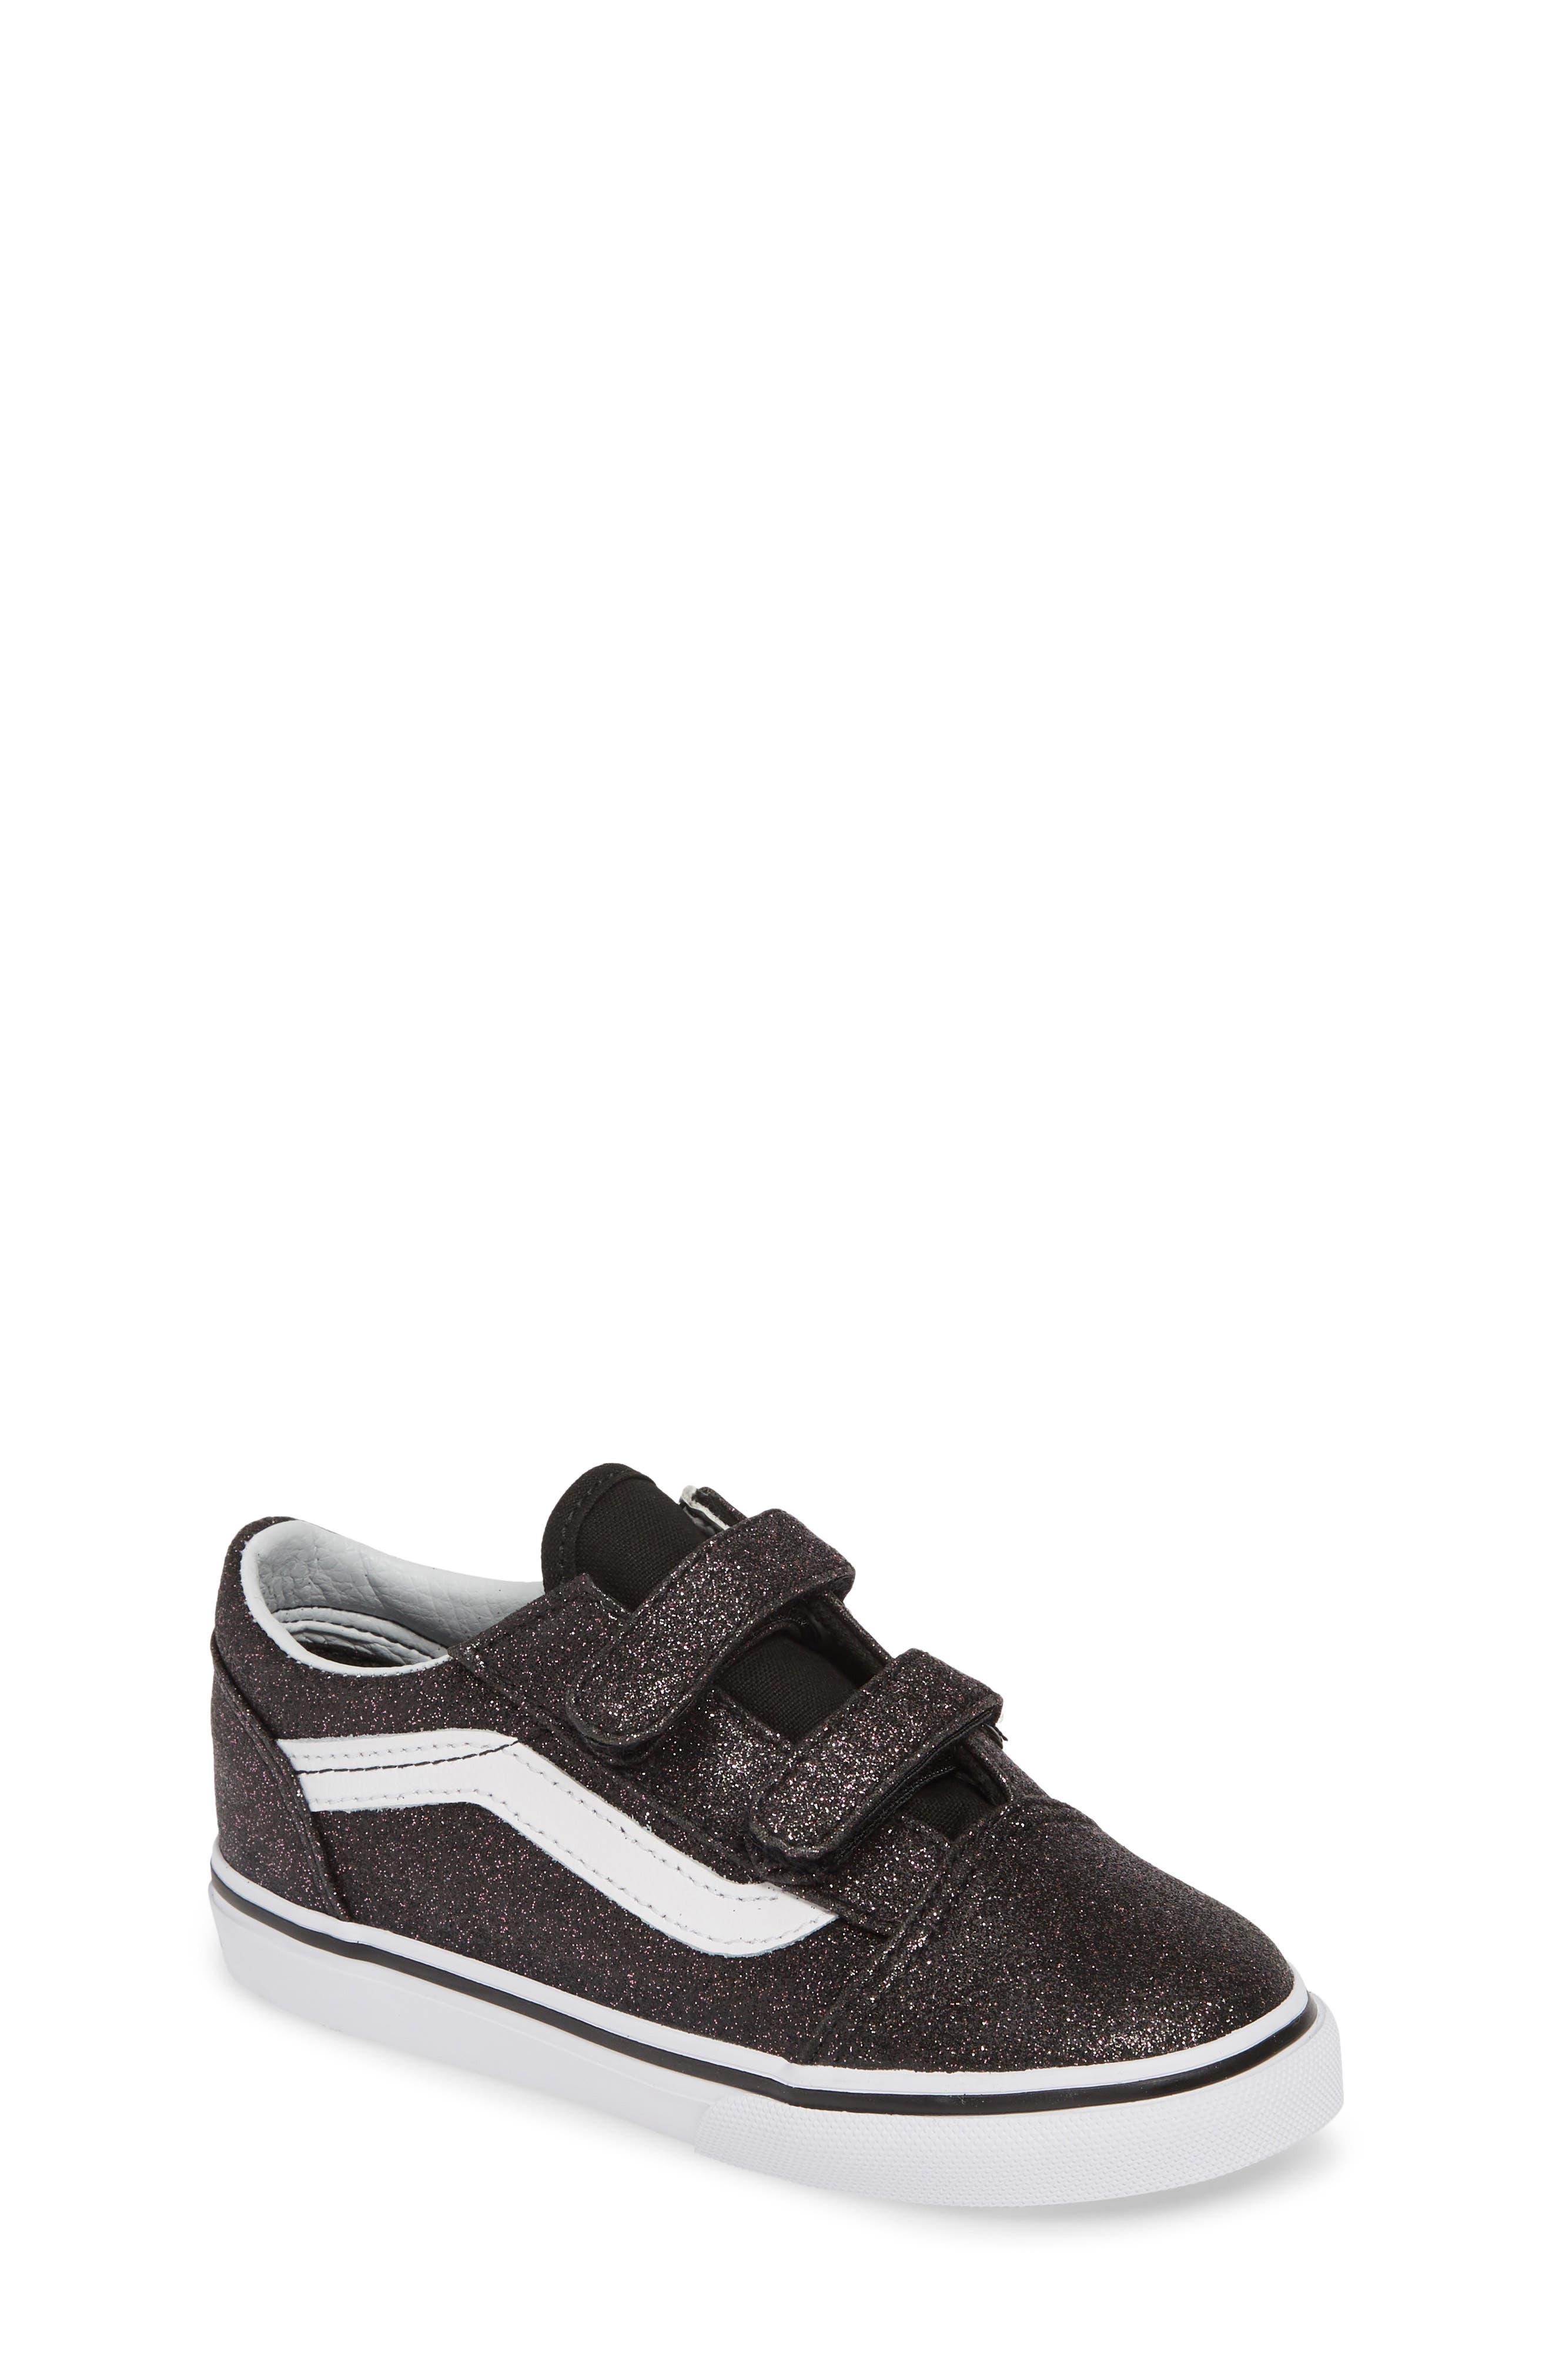 VANS, Old Skool V Glitter Sneaker, Main thumbnail 1, color, GLITTER STARS BLACK/ WHITE